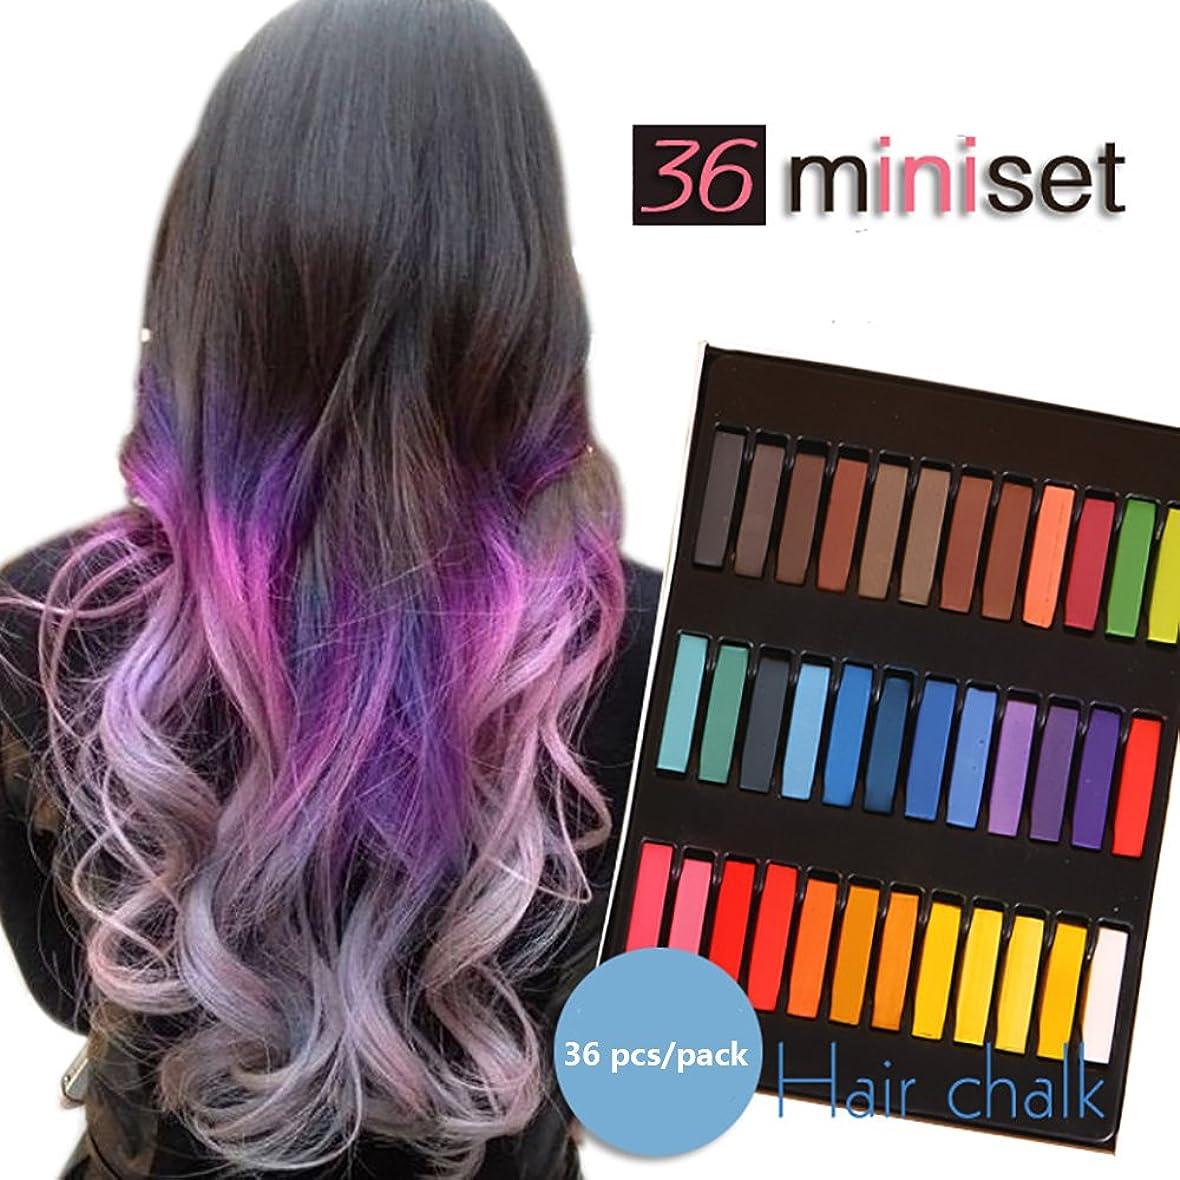 決定ミス理想的には大ブレイク中!HAIR CHALKIN 選べる 6色/12色/24色/36色 髪専用に開発された安心商品! ヘアチョーク ヘアカラーチョーク 一日だけのヘアカラーでイメチェンが楽しめる!美容室のヘアカラーでは表現しづらい色も表現できます! (6色/12色/24色/36色セット)